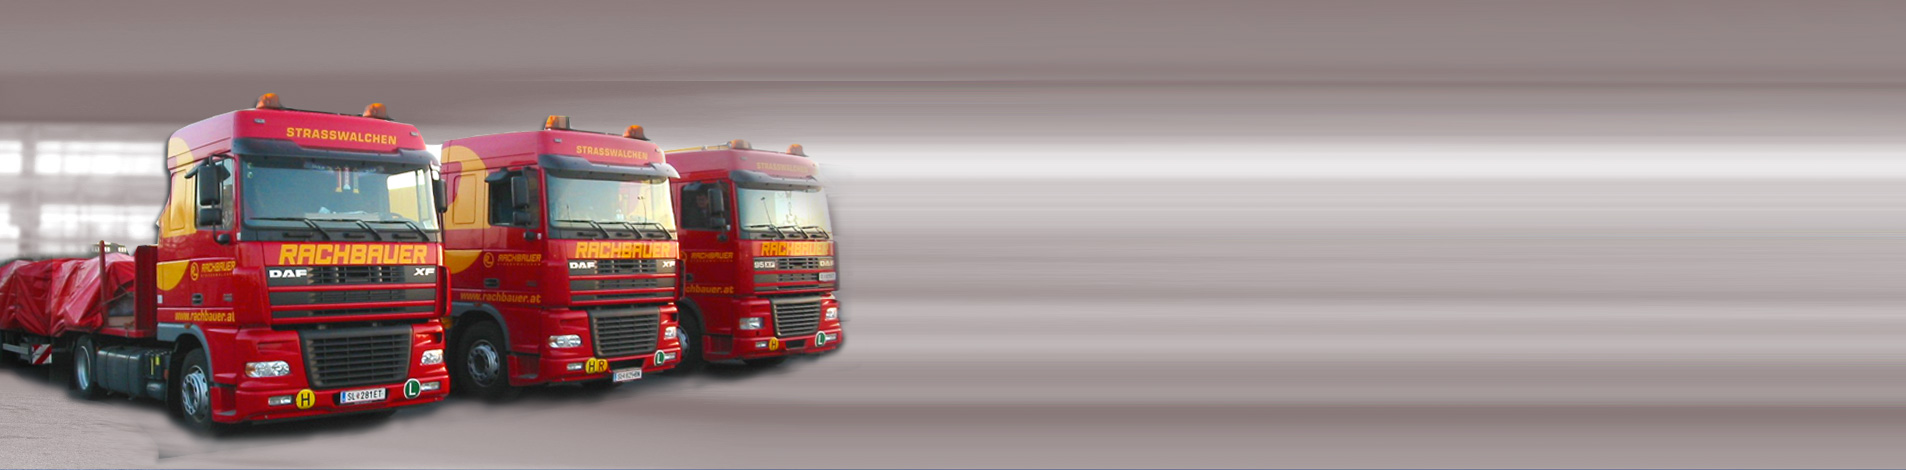 Rachbauer_transport2